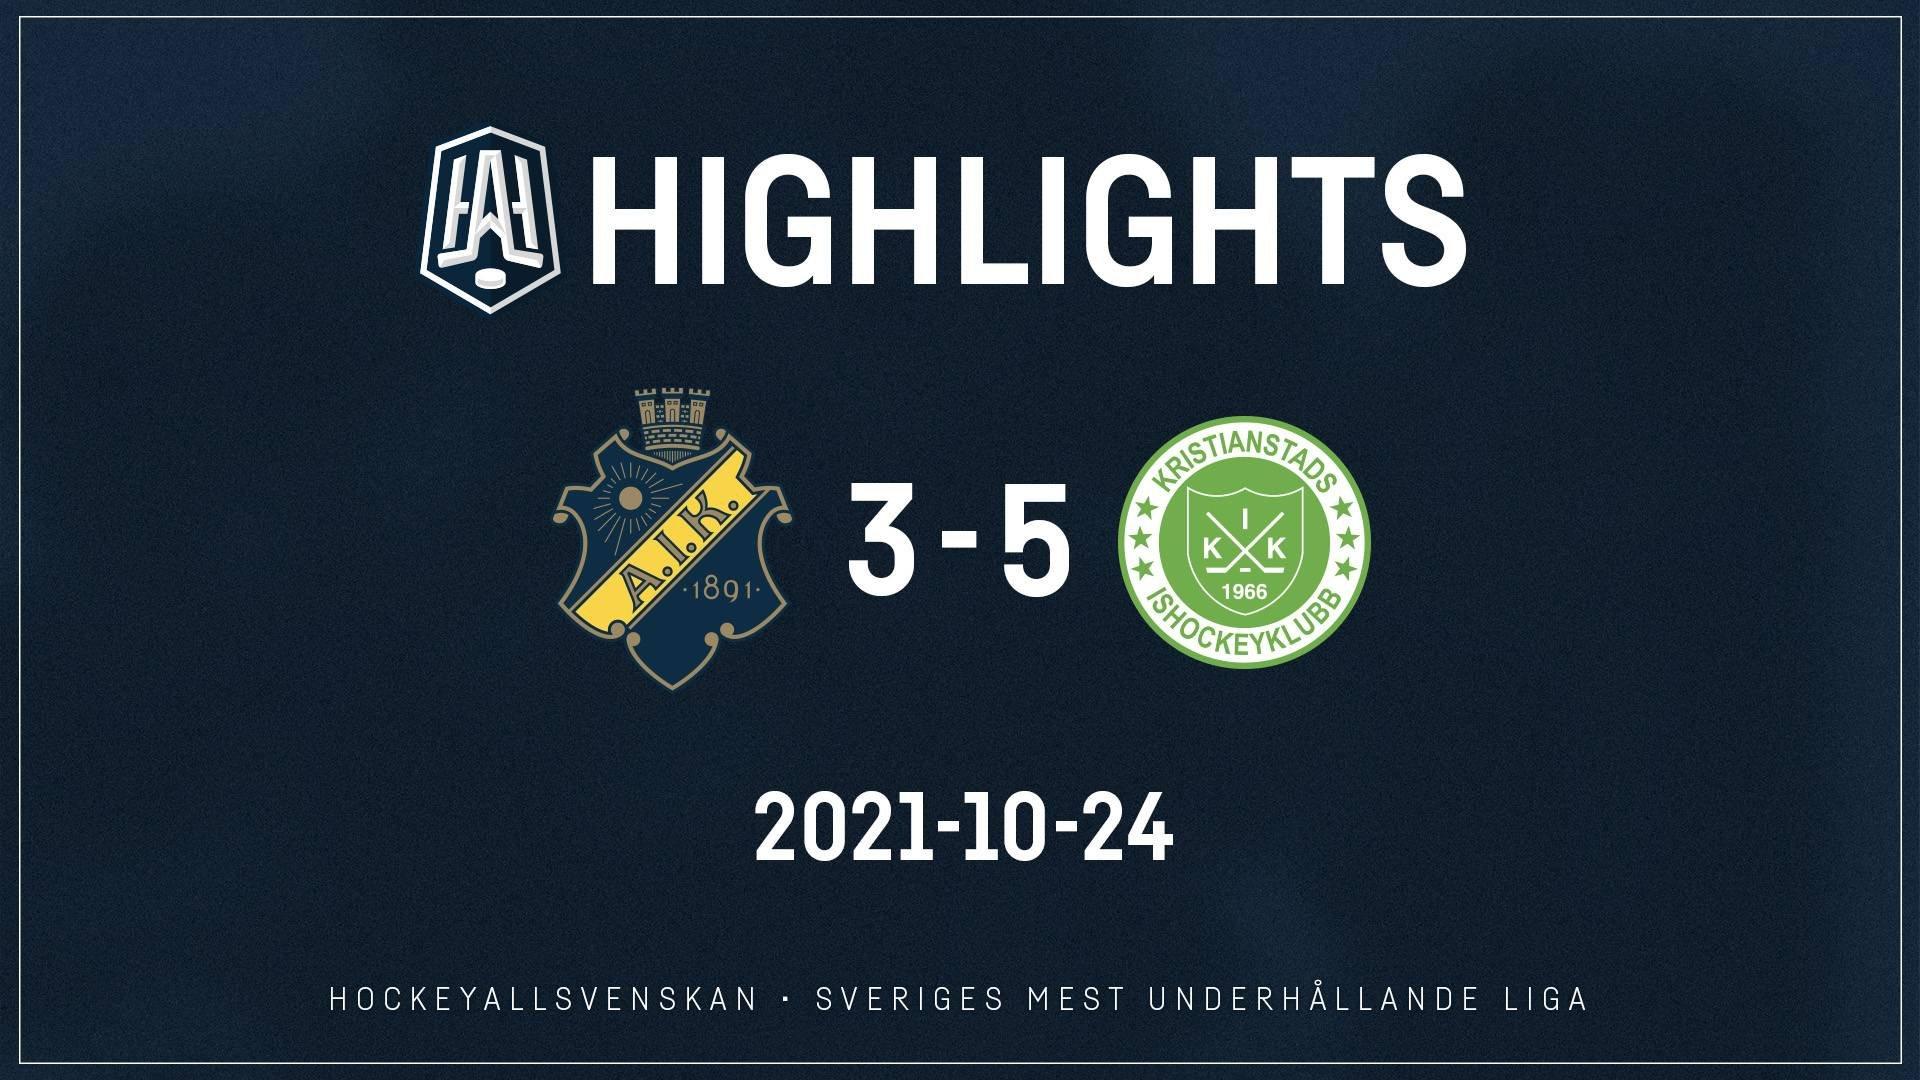 2021-10-24 AIK - Kristianstad 3-5